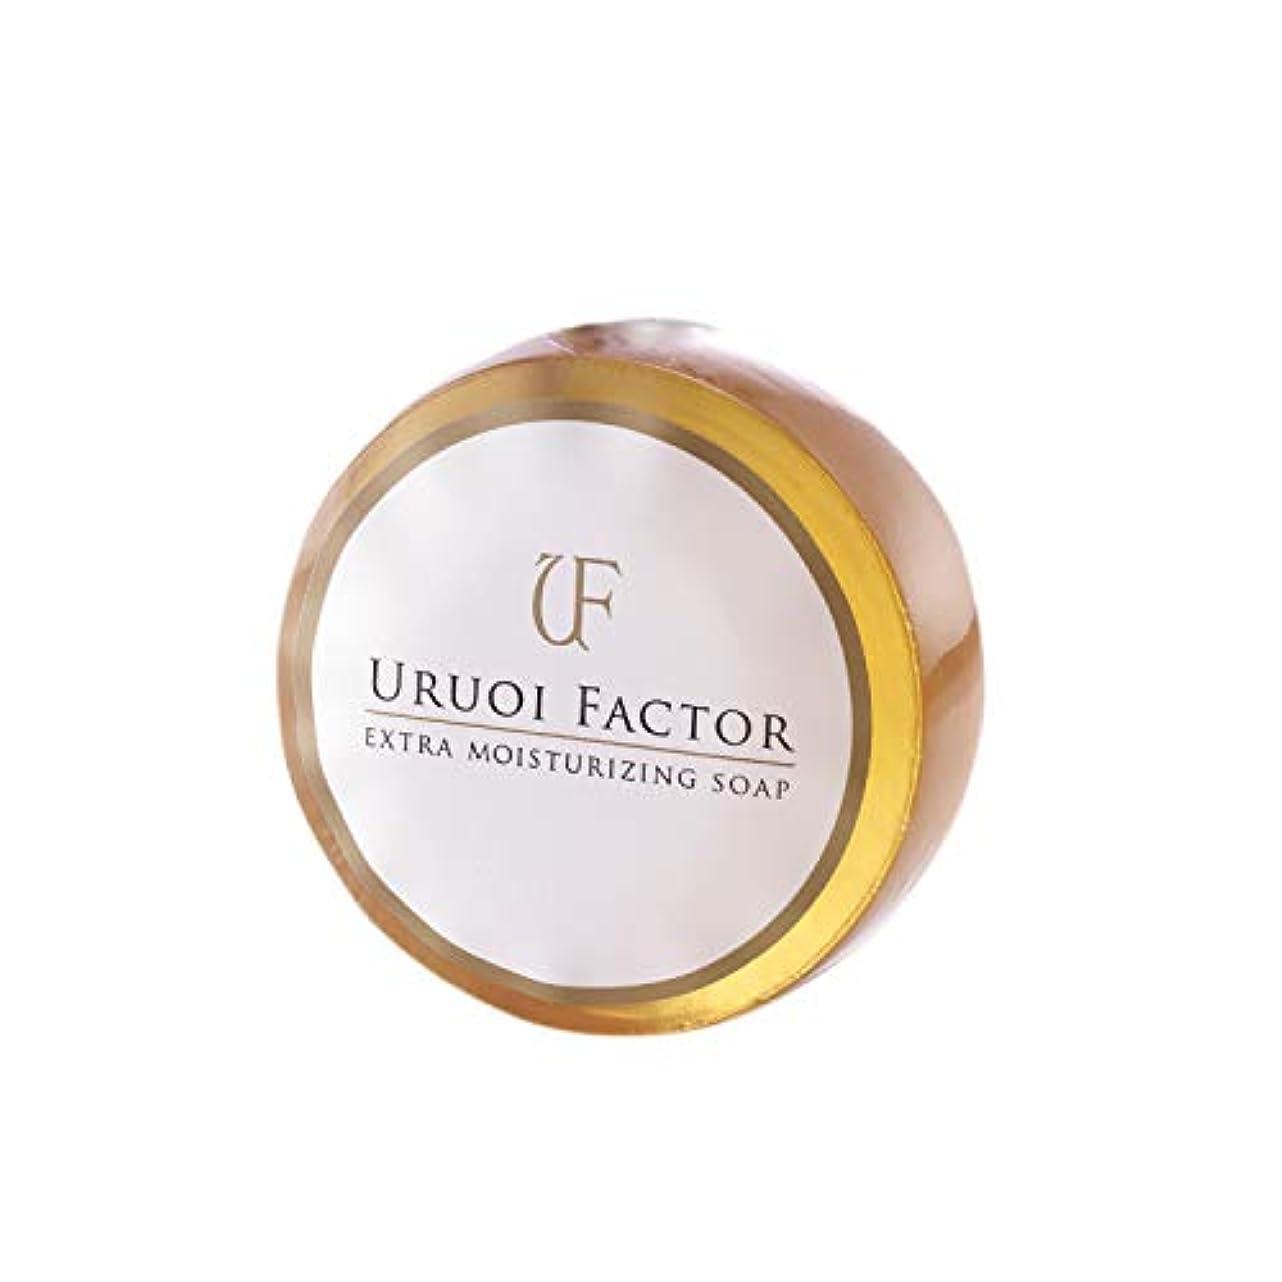 ノミネートごめんなさいマルクス主義URUOI FACTOR 洗顔石鹸 日本製 100g エイジング 保湿 角質ケア スクワラン ハチミツ ビタミンC配合